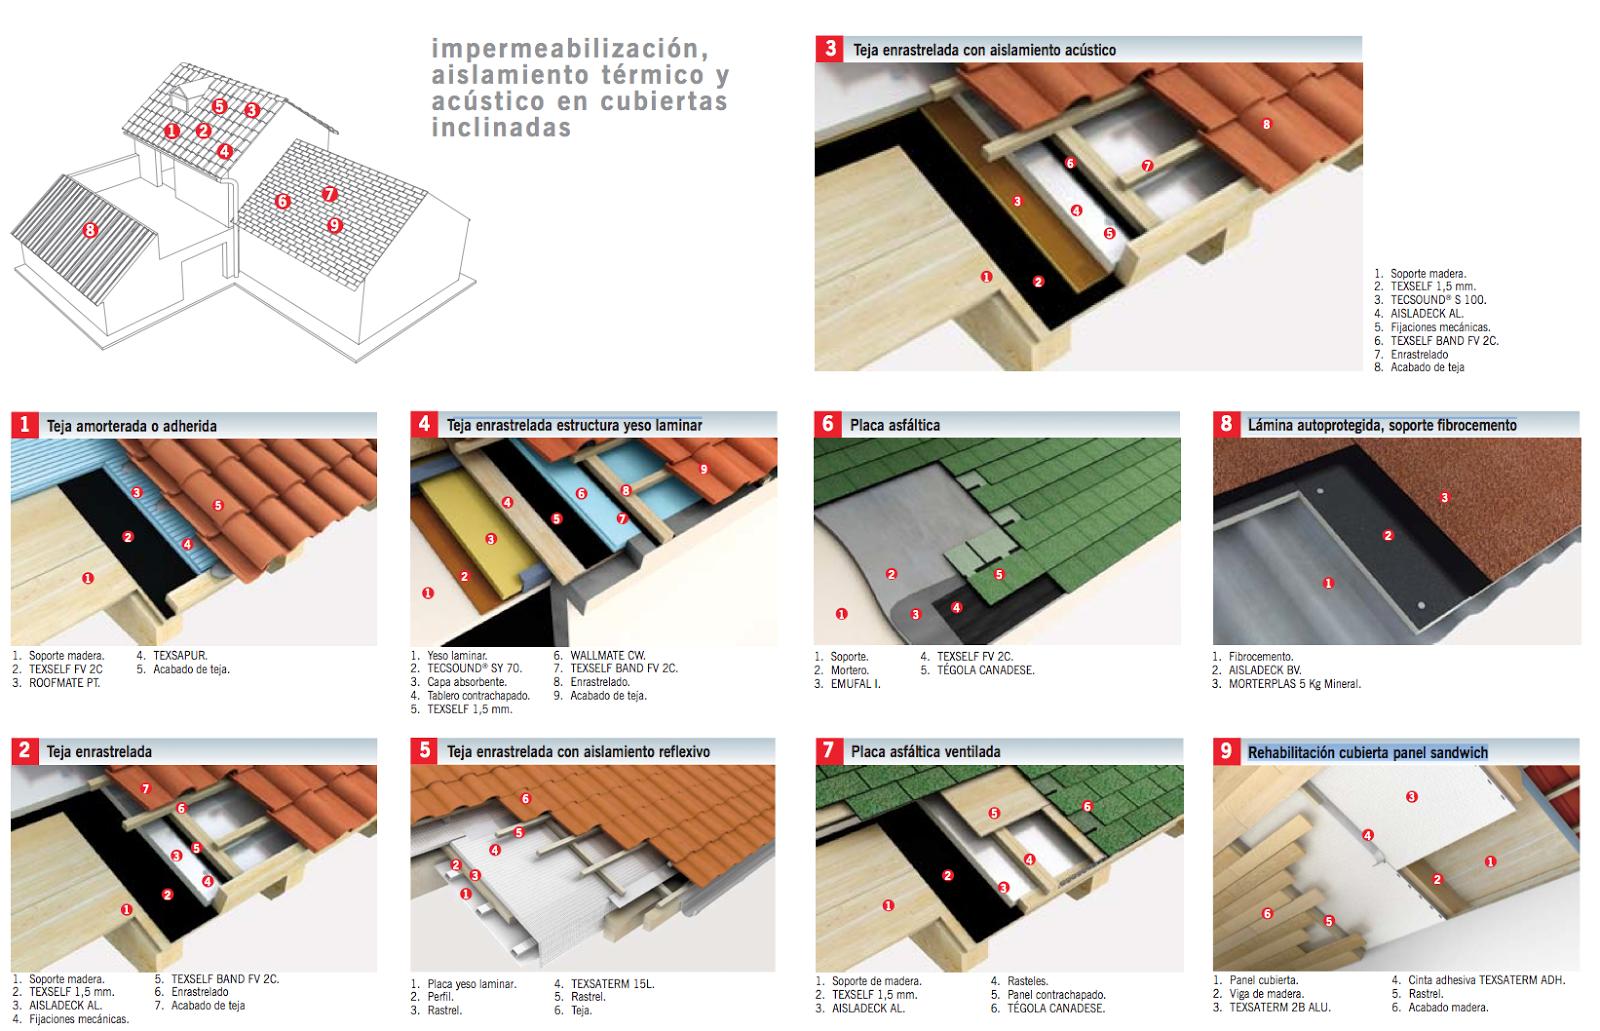 Impermeabilizaci n aislamiento te rmico y acu stico en for Tejados y cubiertas de madera